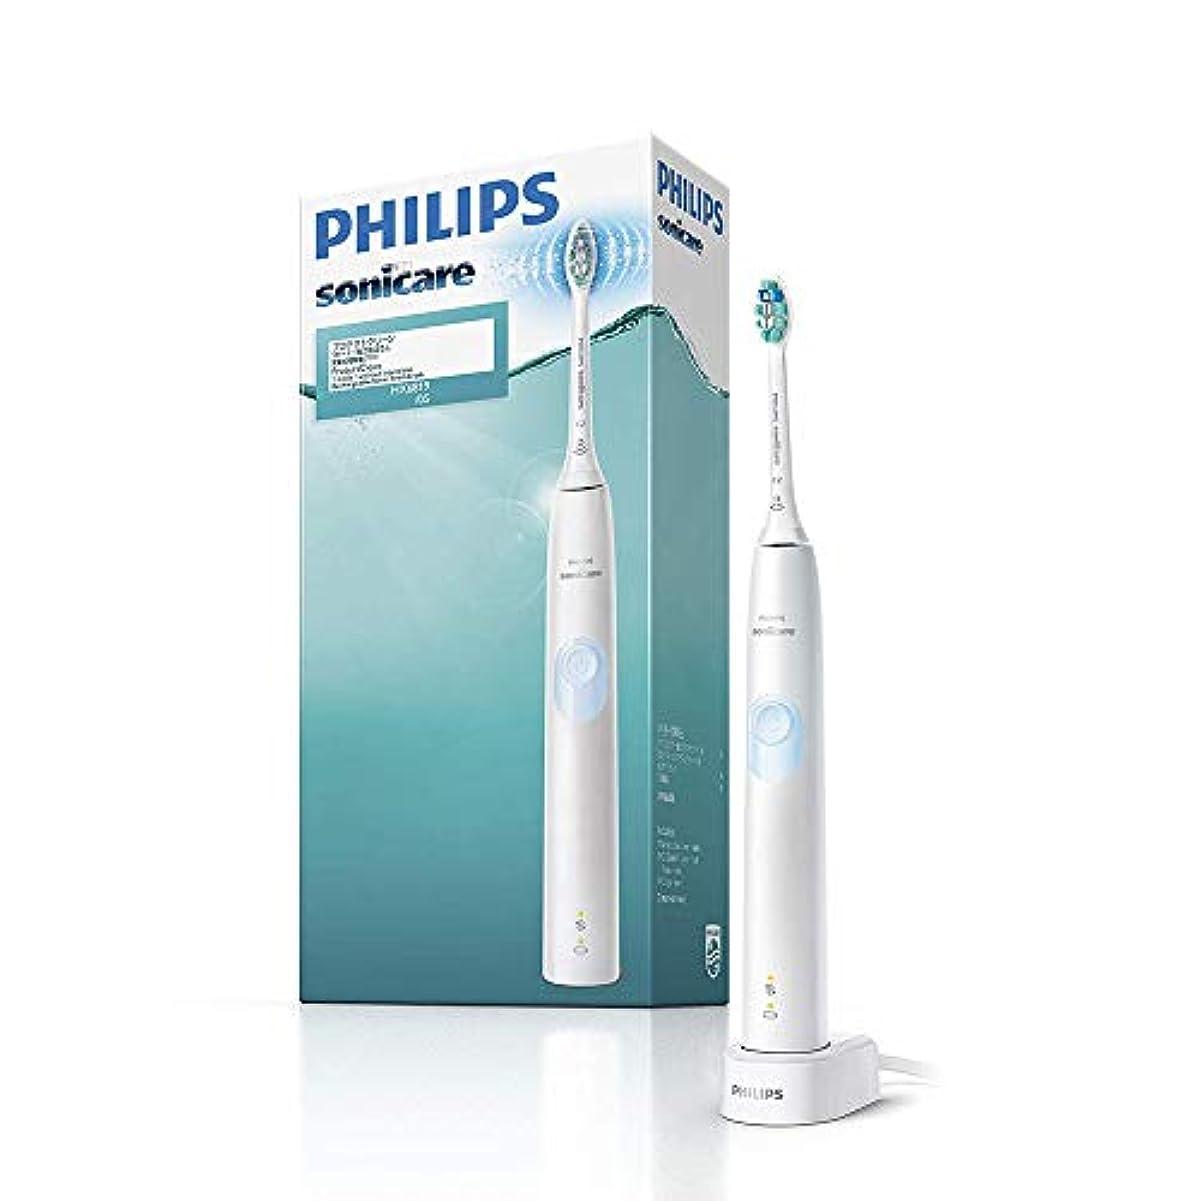 破裂減衰まとめる【Amazon.co.jp限定】フィリップス ソニッケアー プロテクトクリーン ホワイトライトブルー 電動歯ブラシ 強さ設定なし HX6819/05